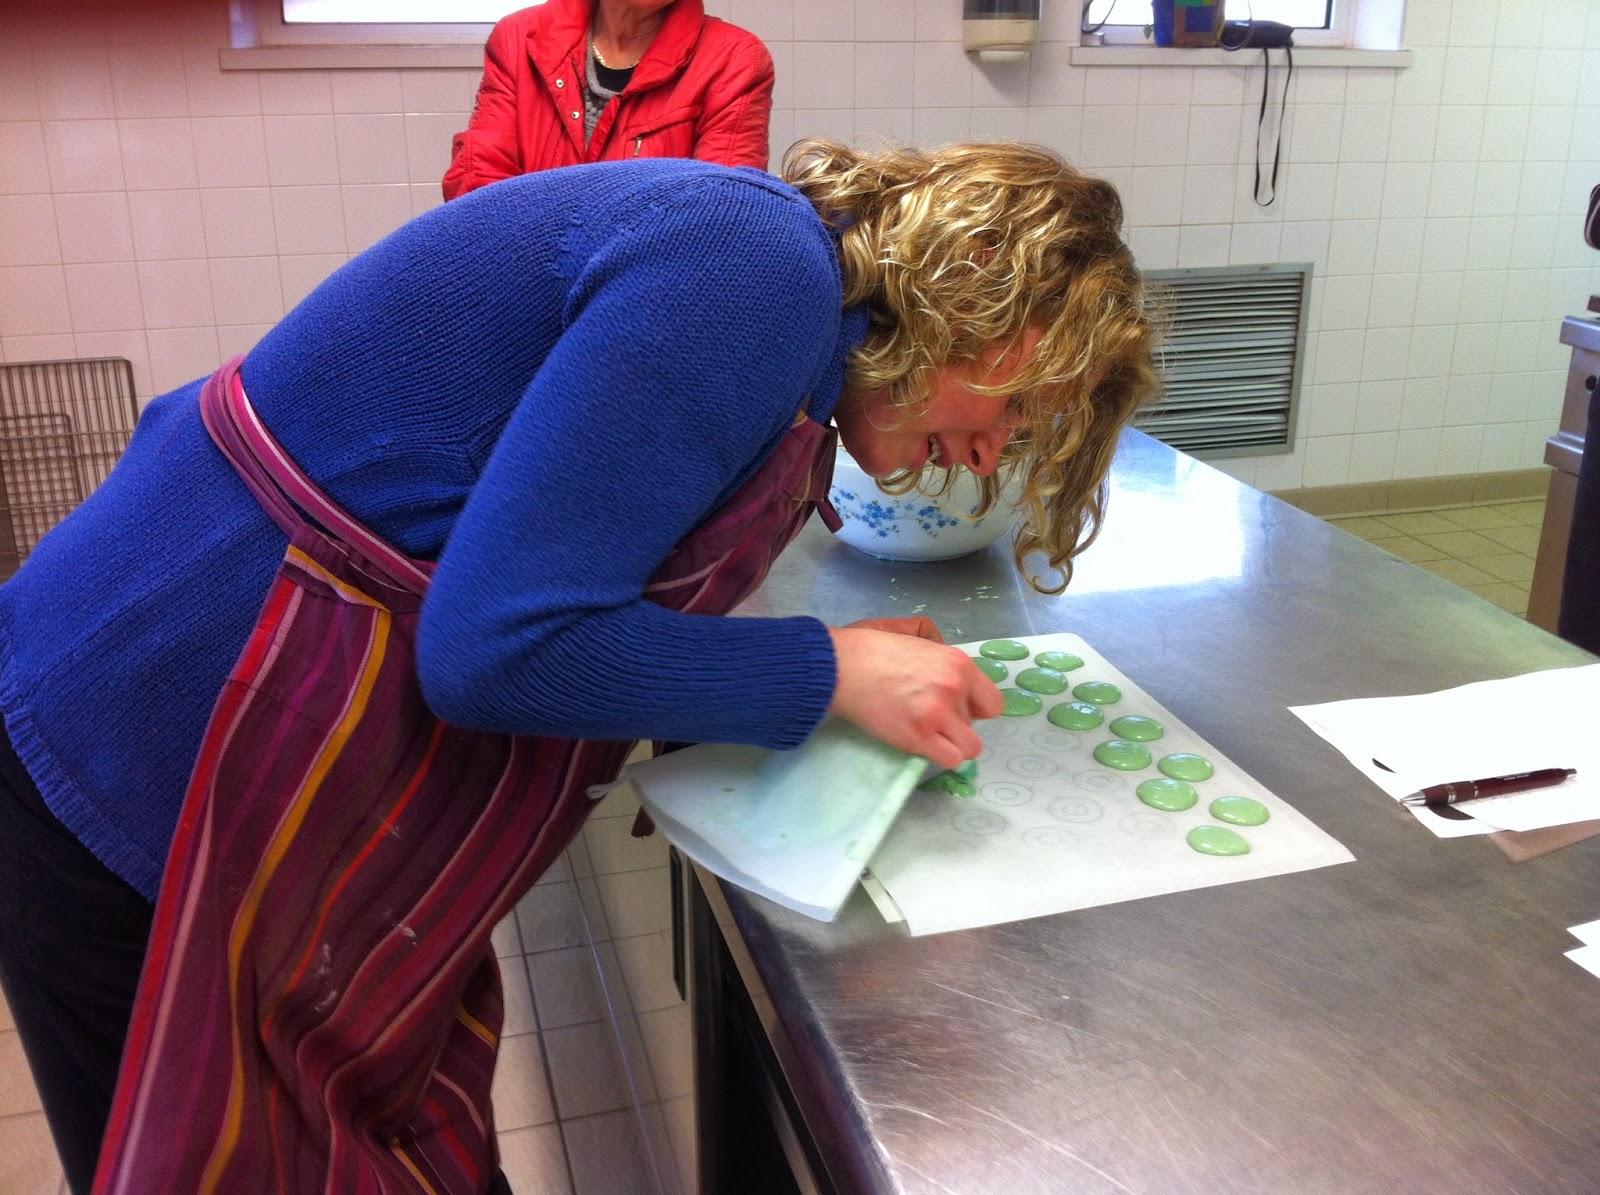 Les actrices nivernaises compte rendu de l 39 apres midi pour apprendre a faire des macarons - Apprendre a faire la cuisine ...